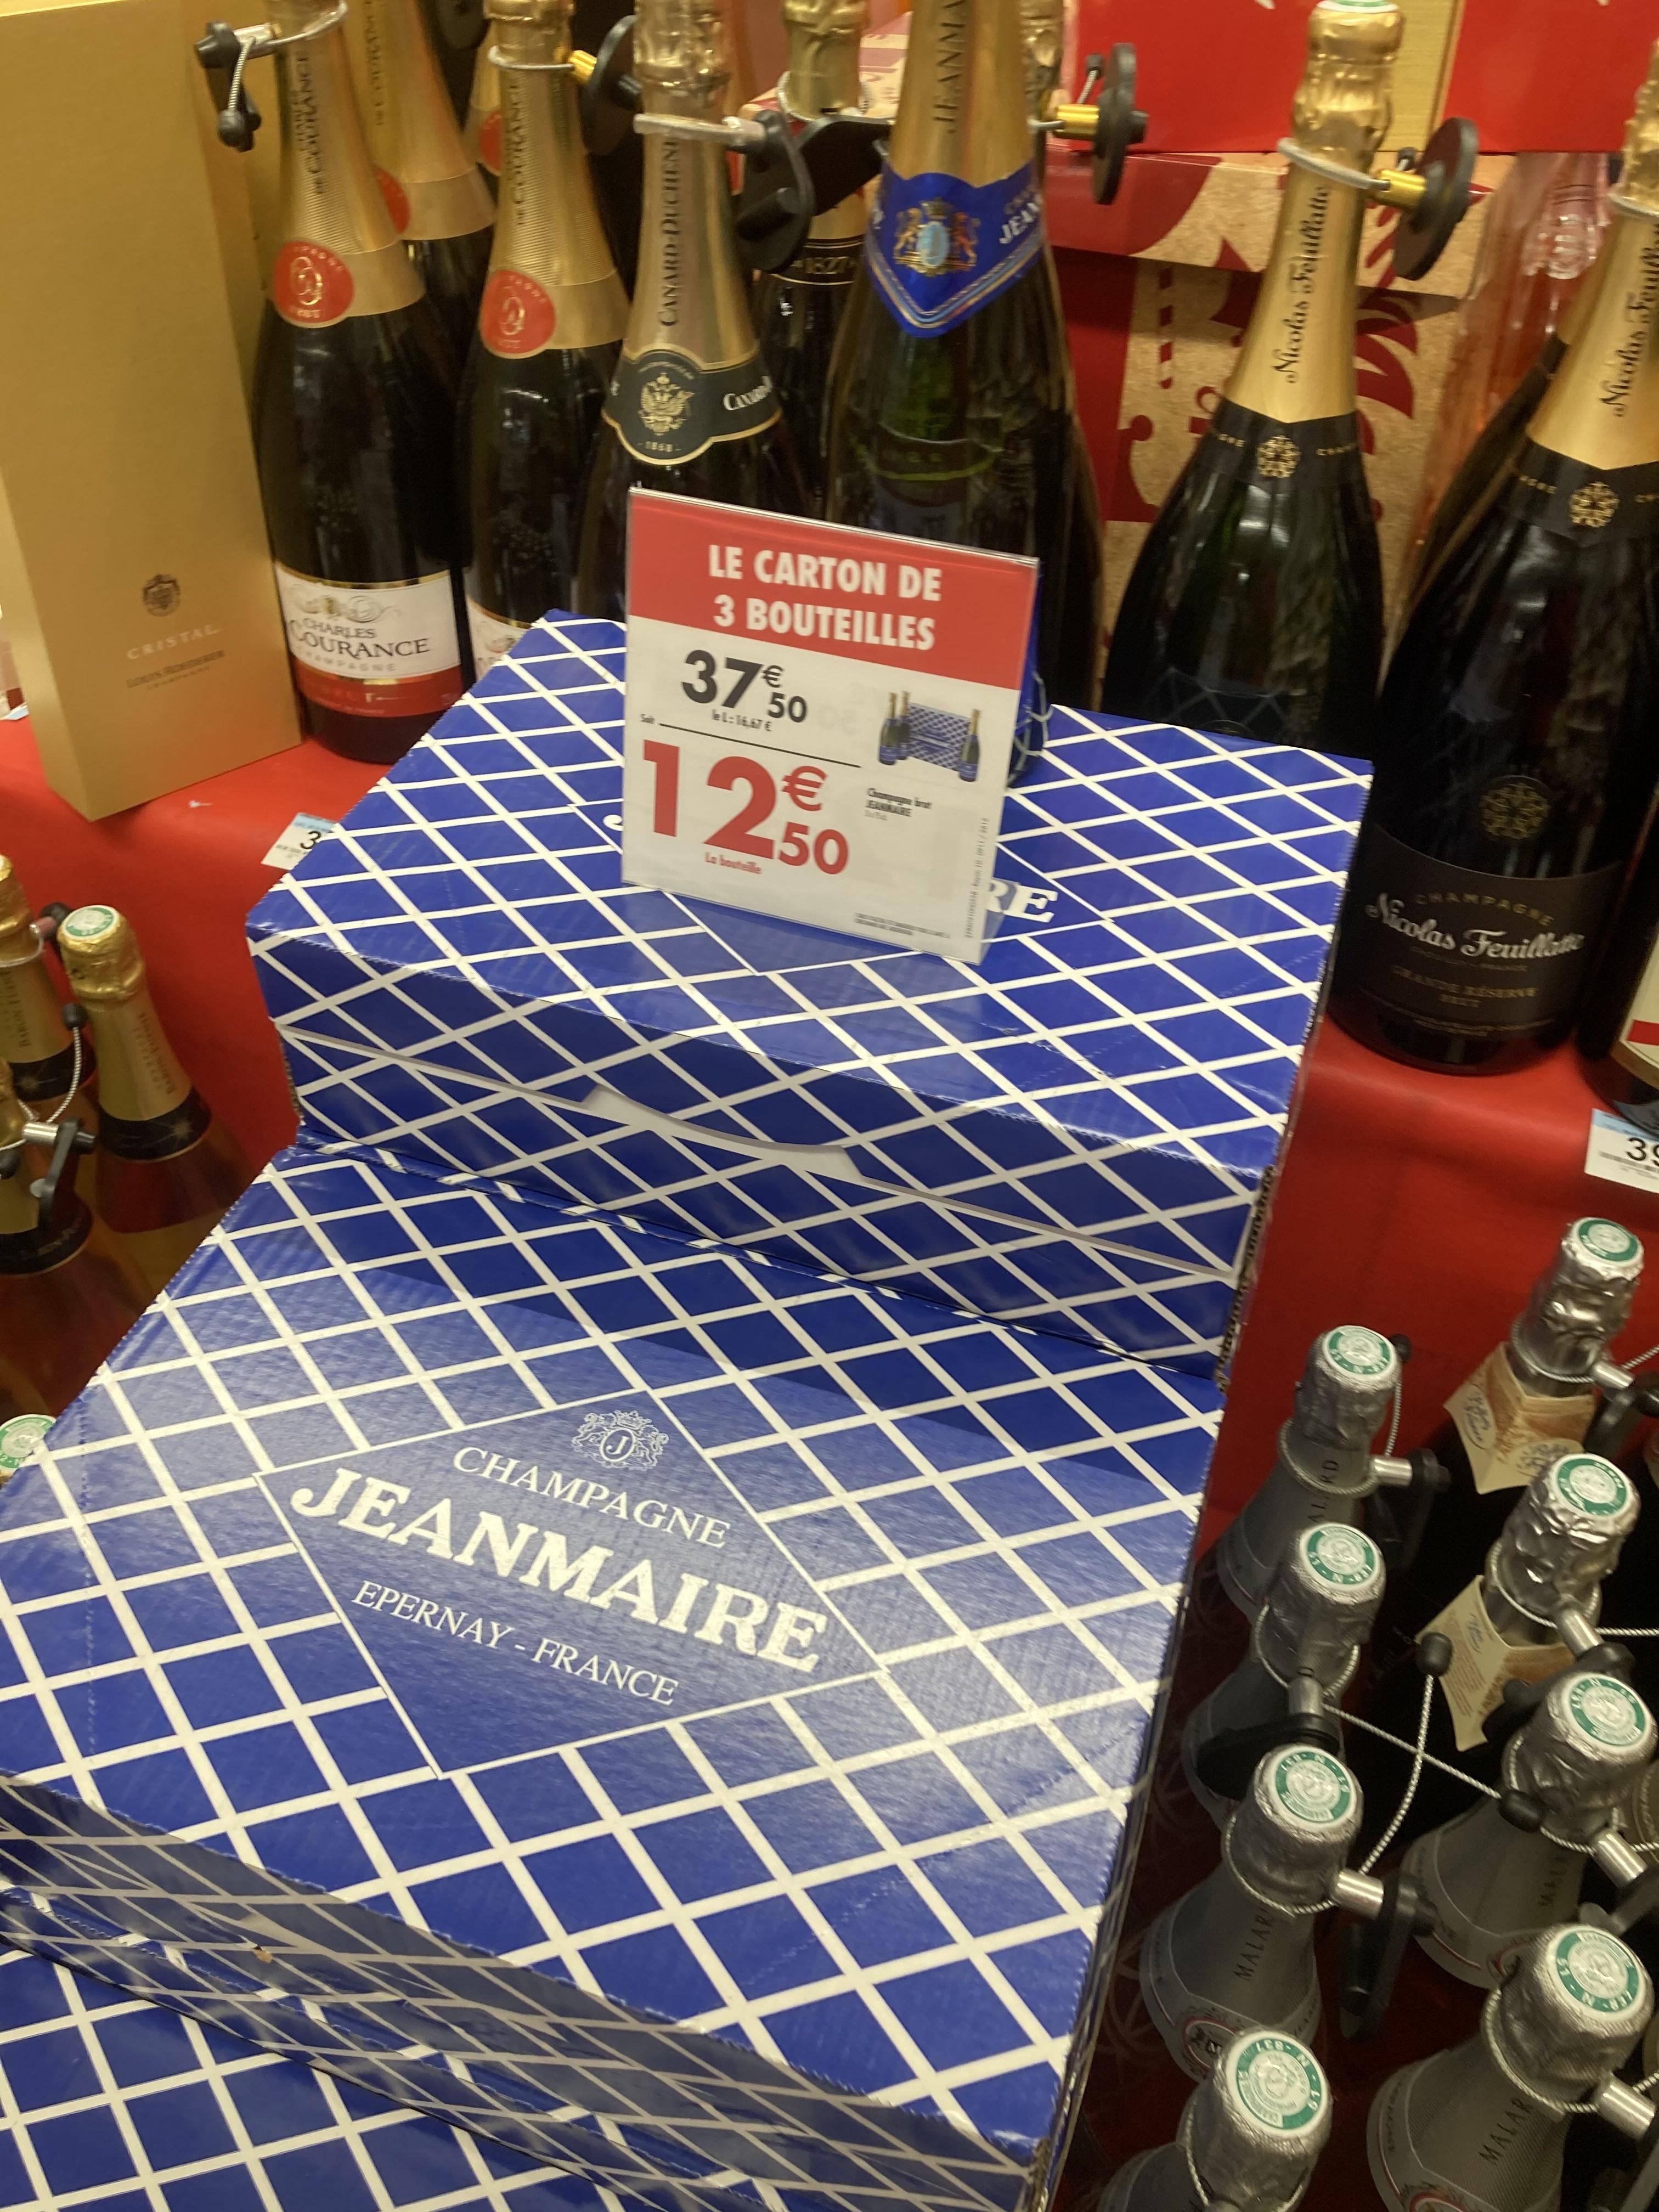 Lot de 3 bouteilles de Champagne JEANMAIRE (75cl)